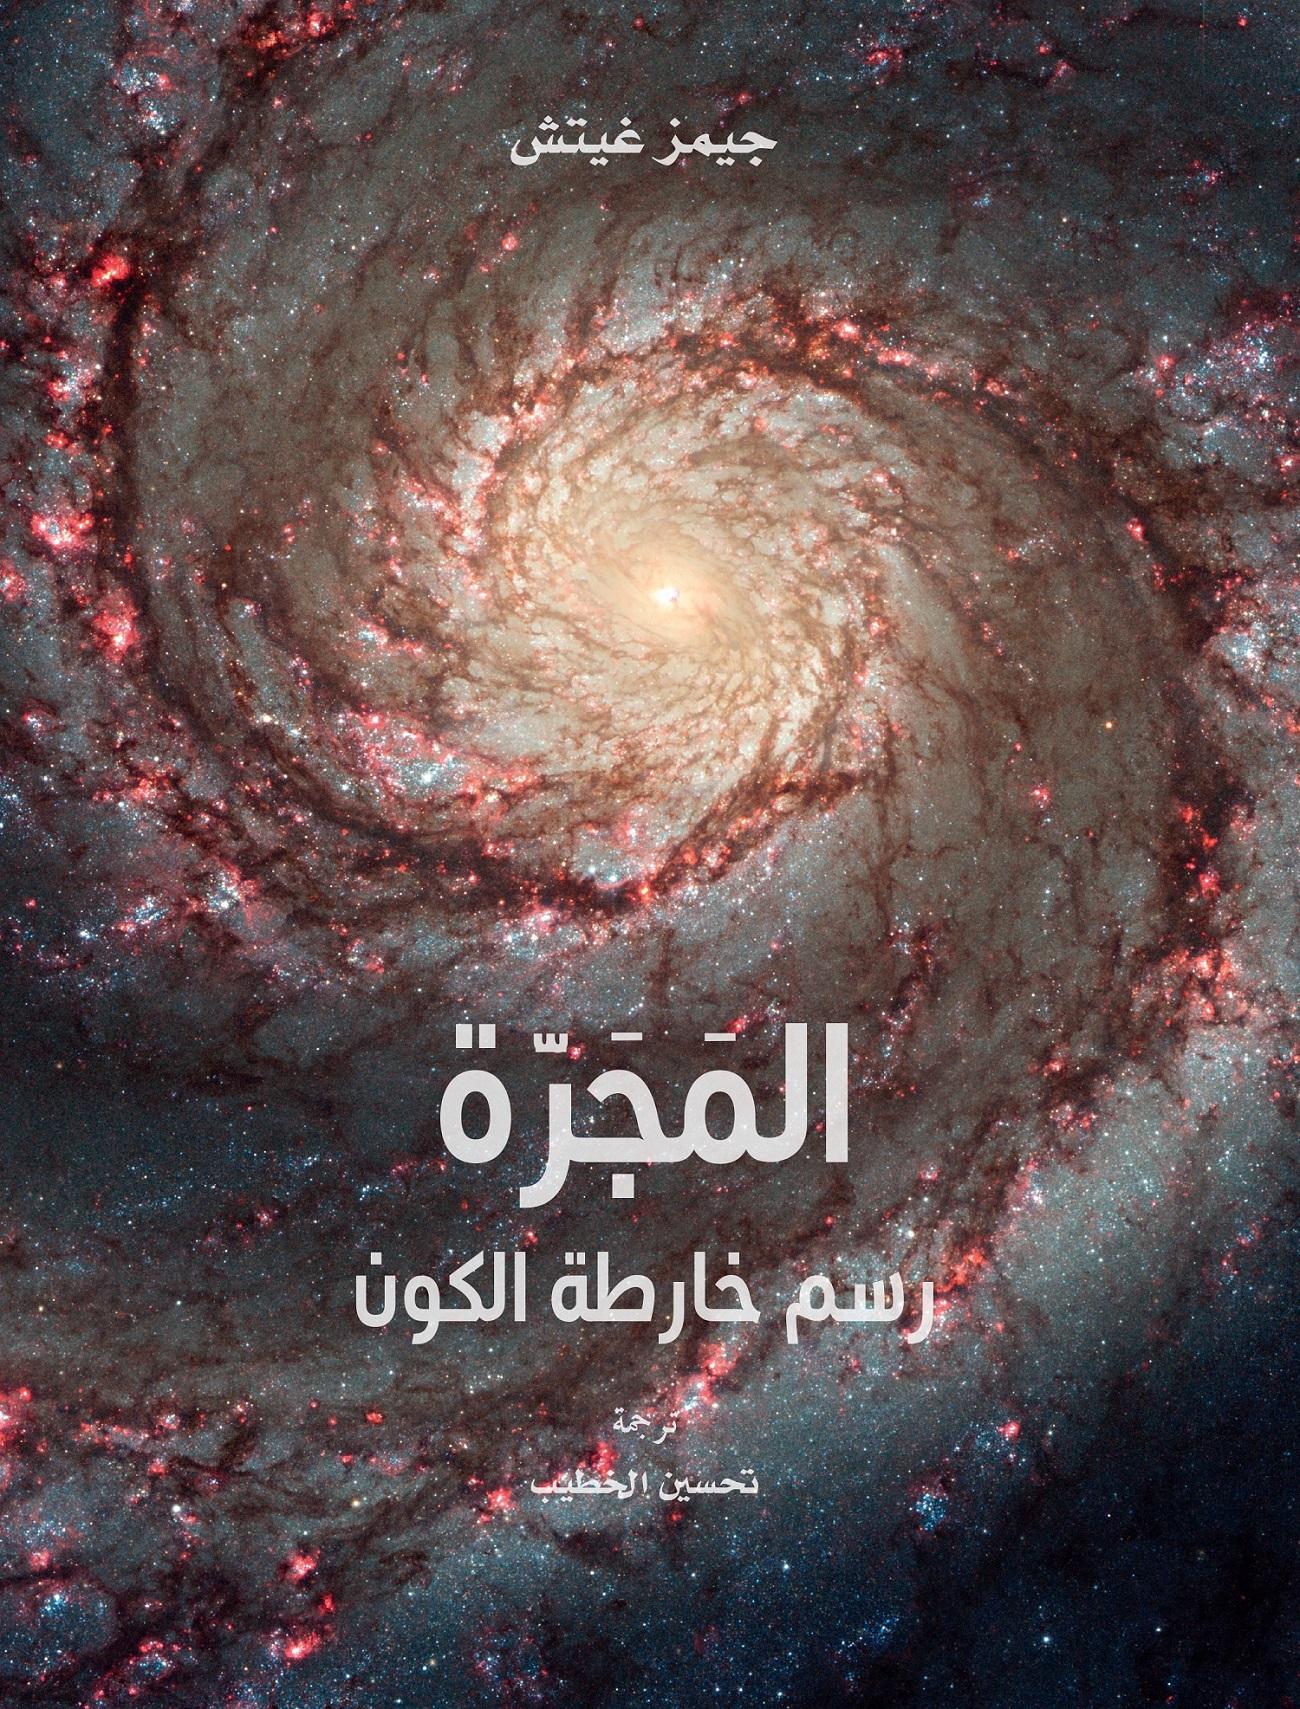 المجرة رسم خارطة الكون